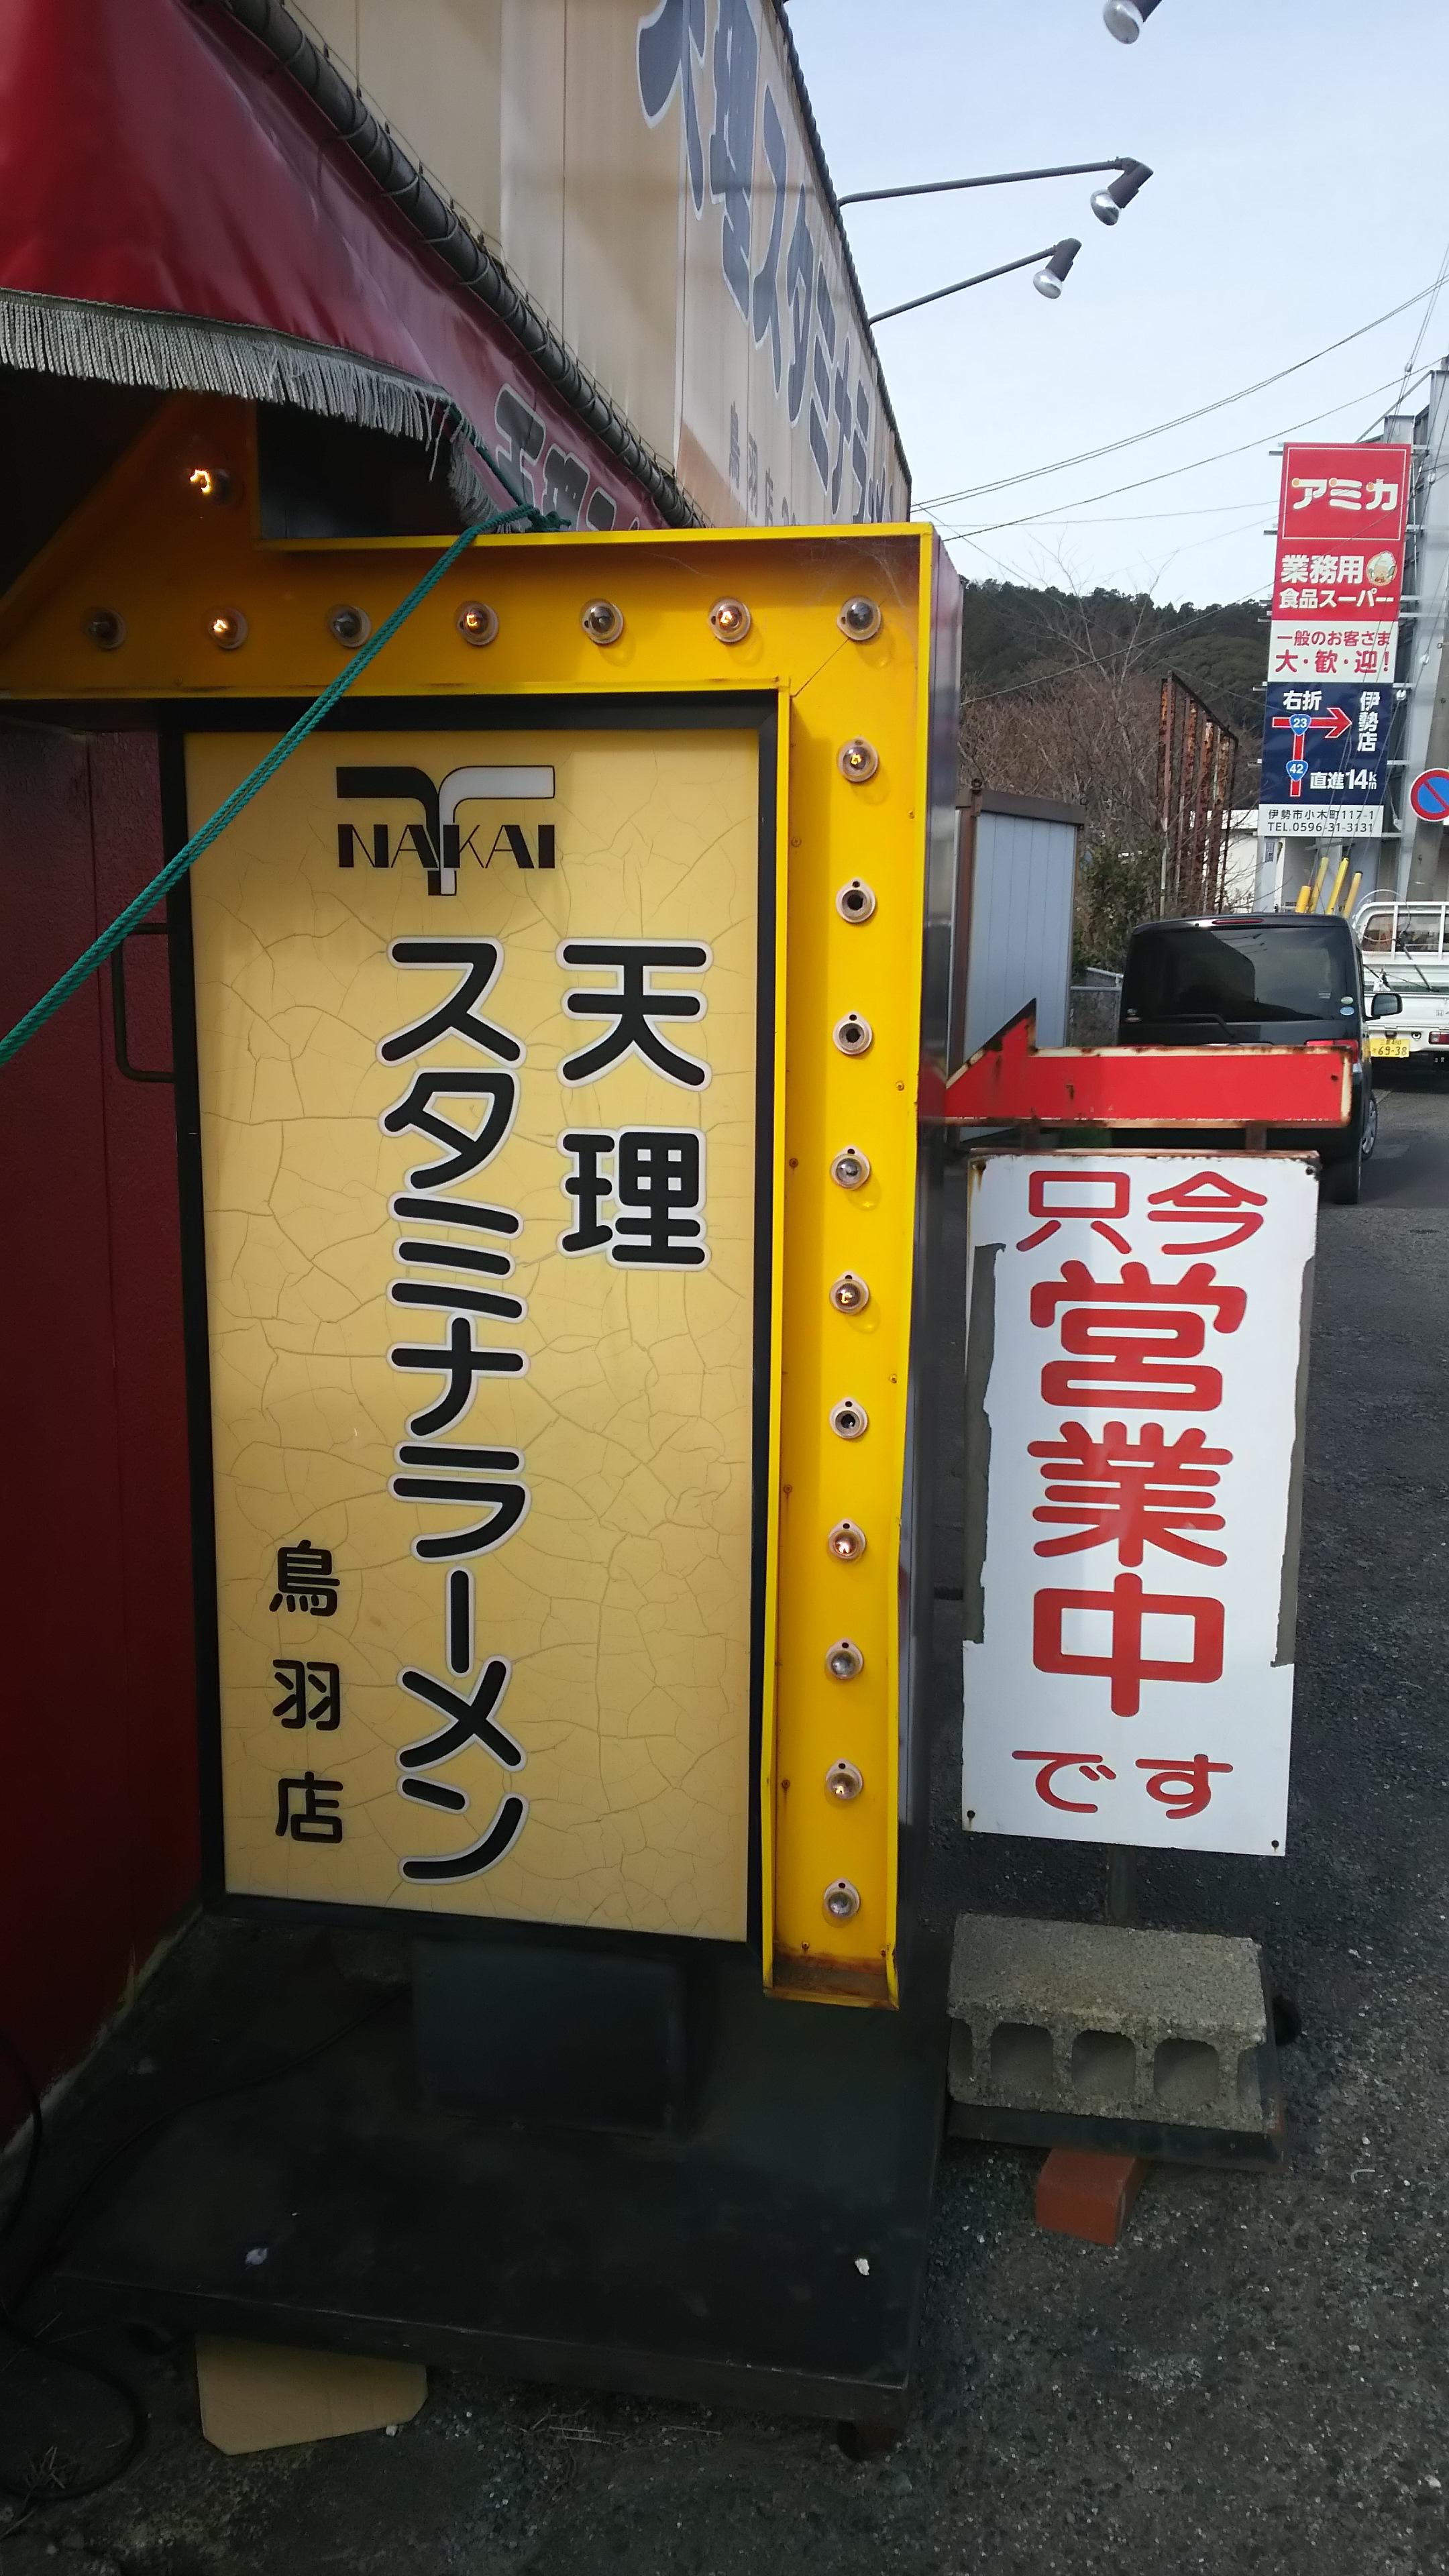 【レビュー】三重県 天理スタミナラーメン鳥羽店に行ってきた